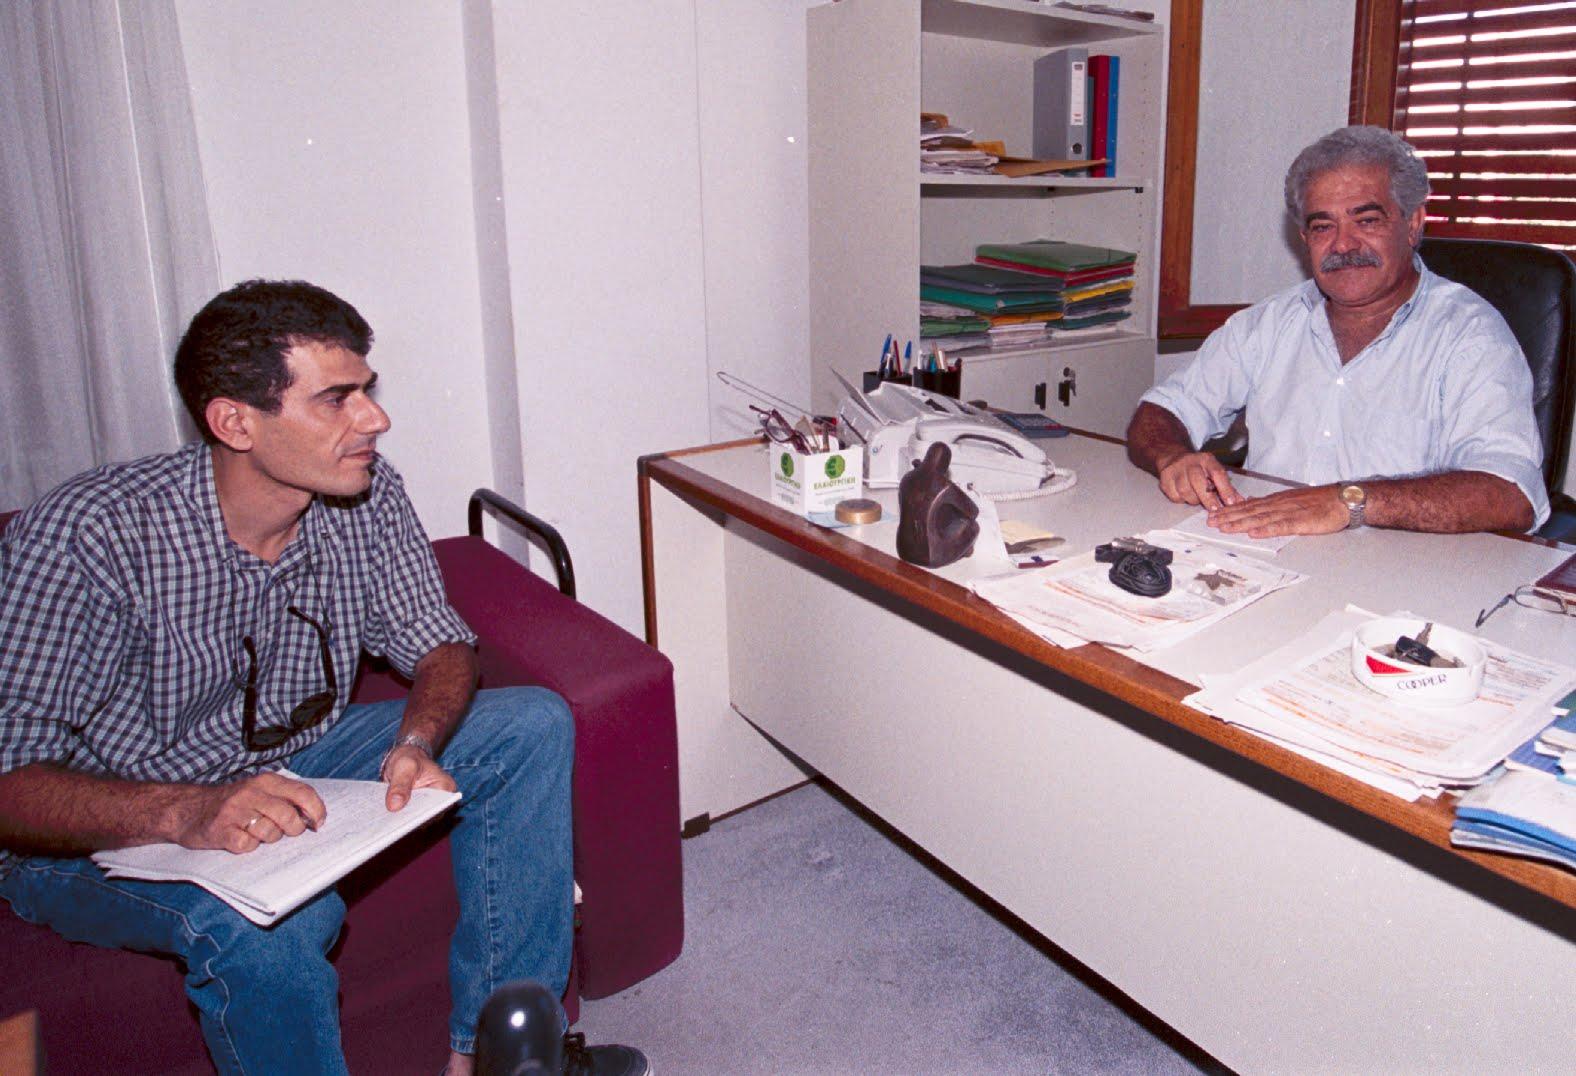 Στις 4 Σεπτεμβρίου 2000, συνέντευξη για το πρώτο φύλλο της εφημερίδας μας